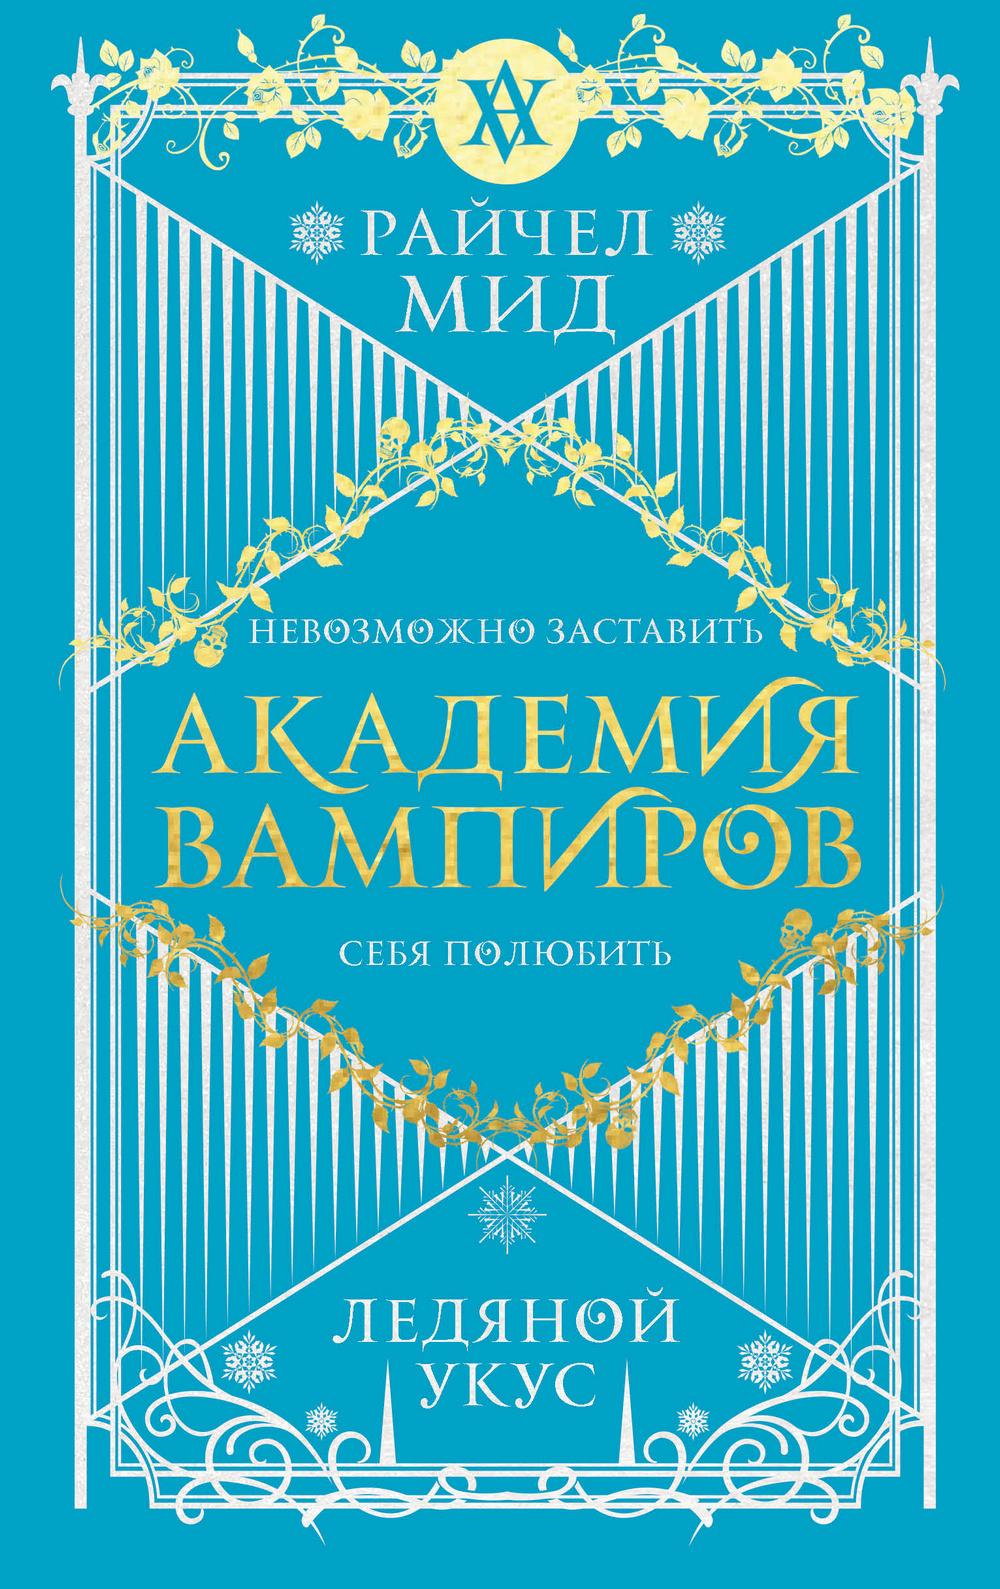 Райчел Мид Ледяной укус академия вампиров книга 2 ледяной укус